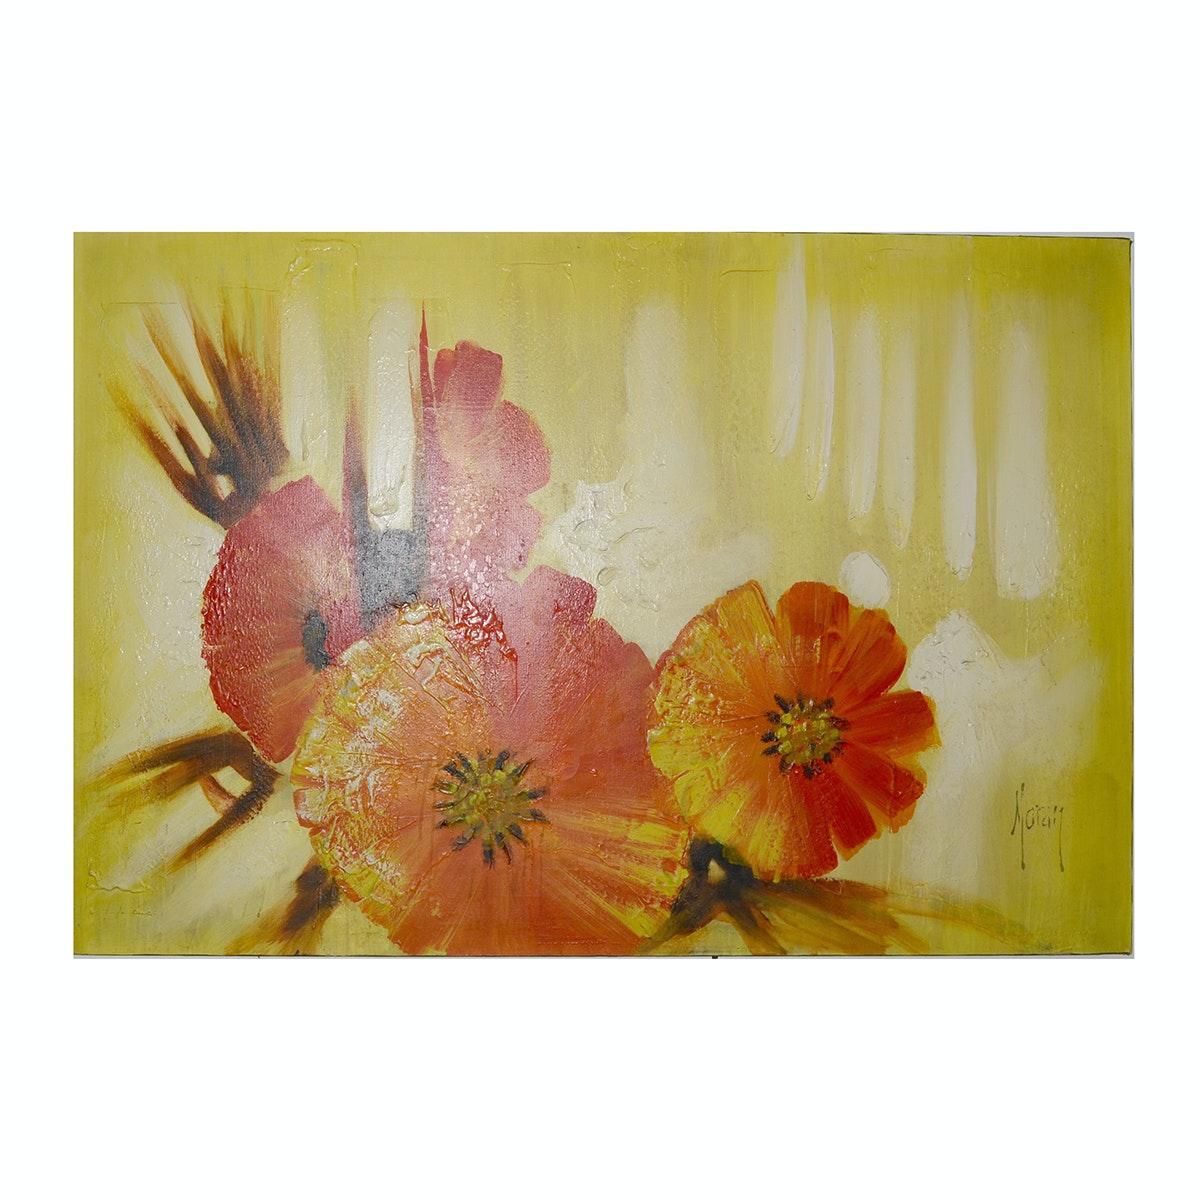 Moran Original Oil Painting of Poppies